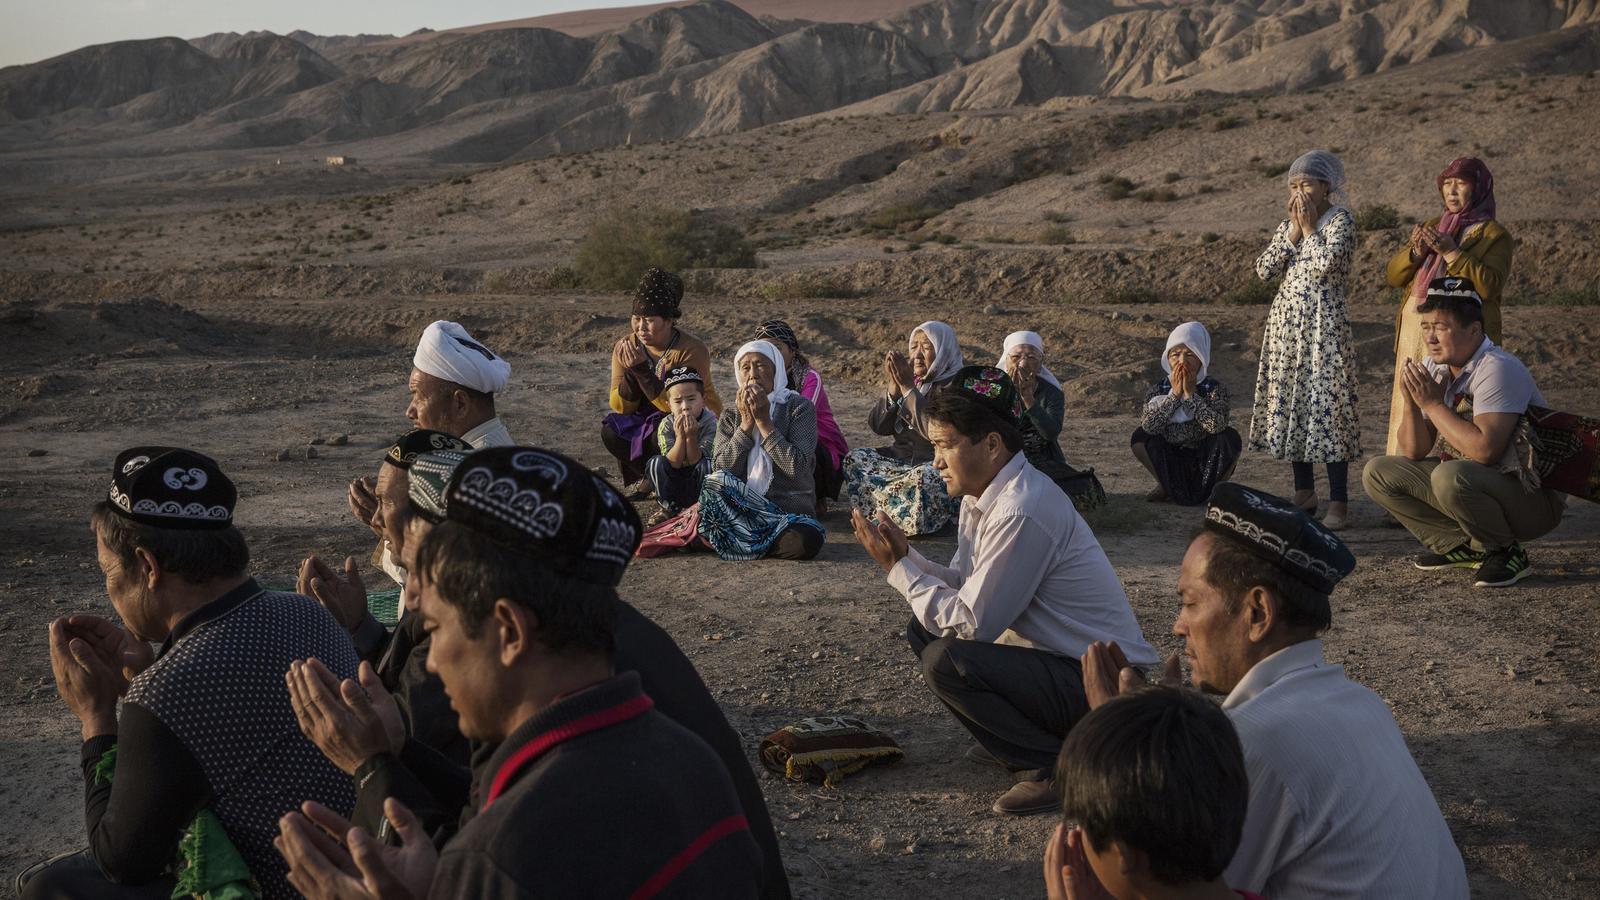 Una familia de uigurs resa durant una celebració tradicional a l'oest de la província de Xinjiang, a la Xina.